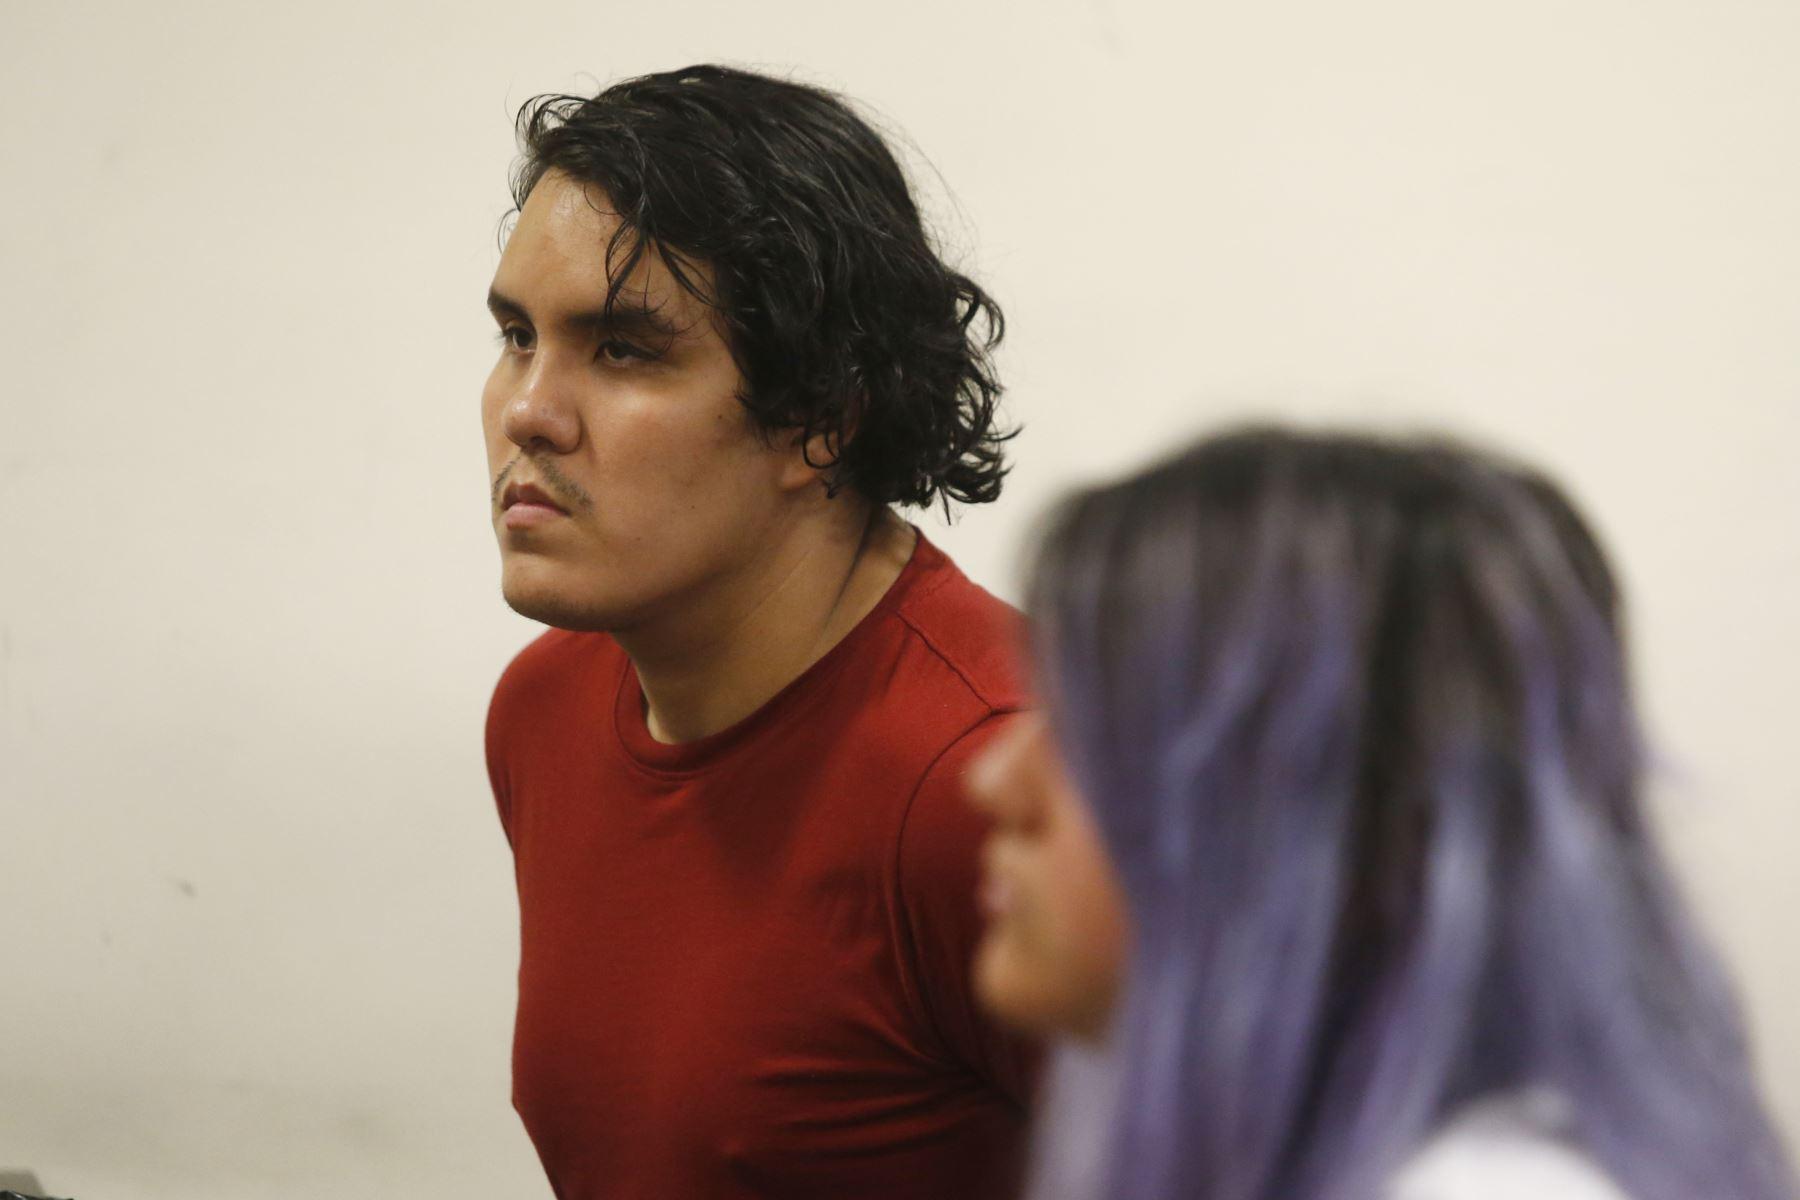 Kevin Villanueva y Andrea Aguirre durante la audiencia de prisión preventiva por el caso Solsiret. Foto: ANDINA/Eddy Ramos